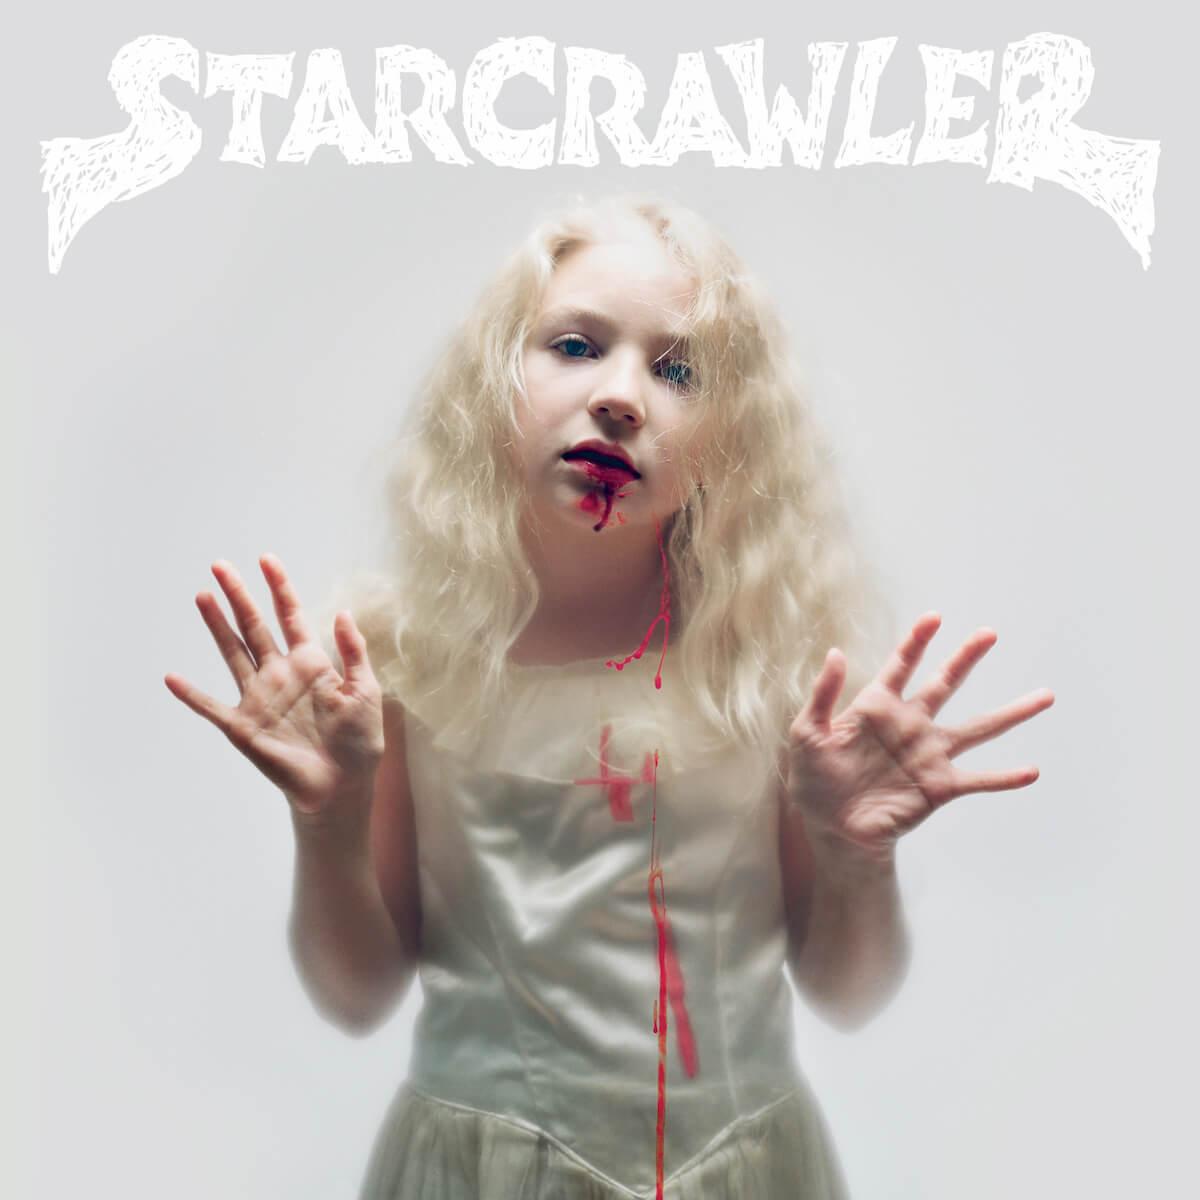 スタークローラー「She Gets Around」の最新MV公開 映像作家ギルバート・トレホが制作 music190514-starcrawler_3